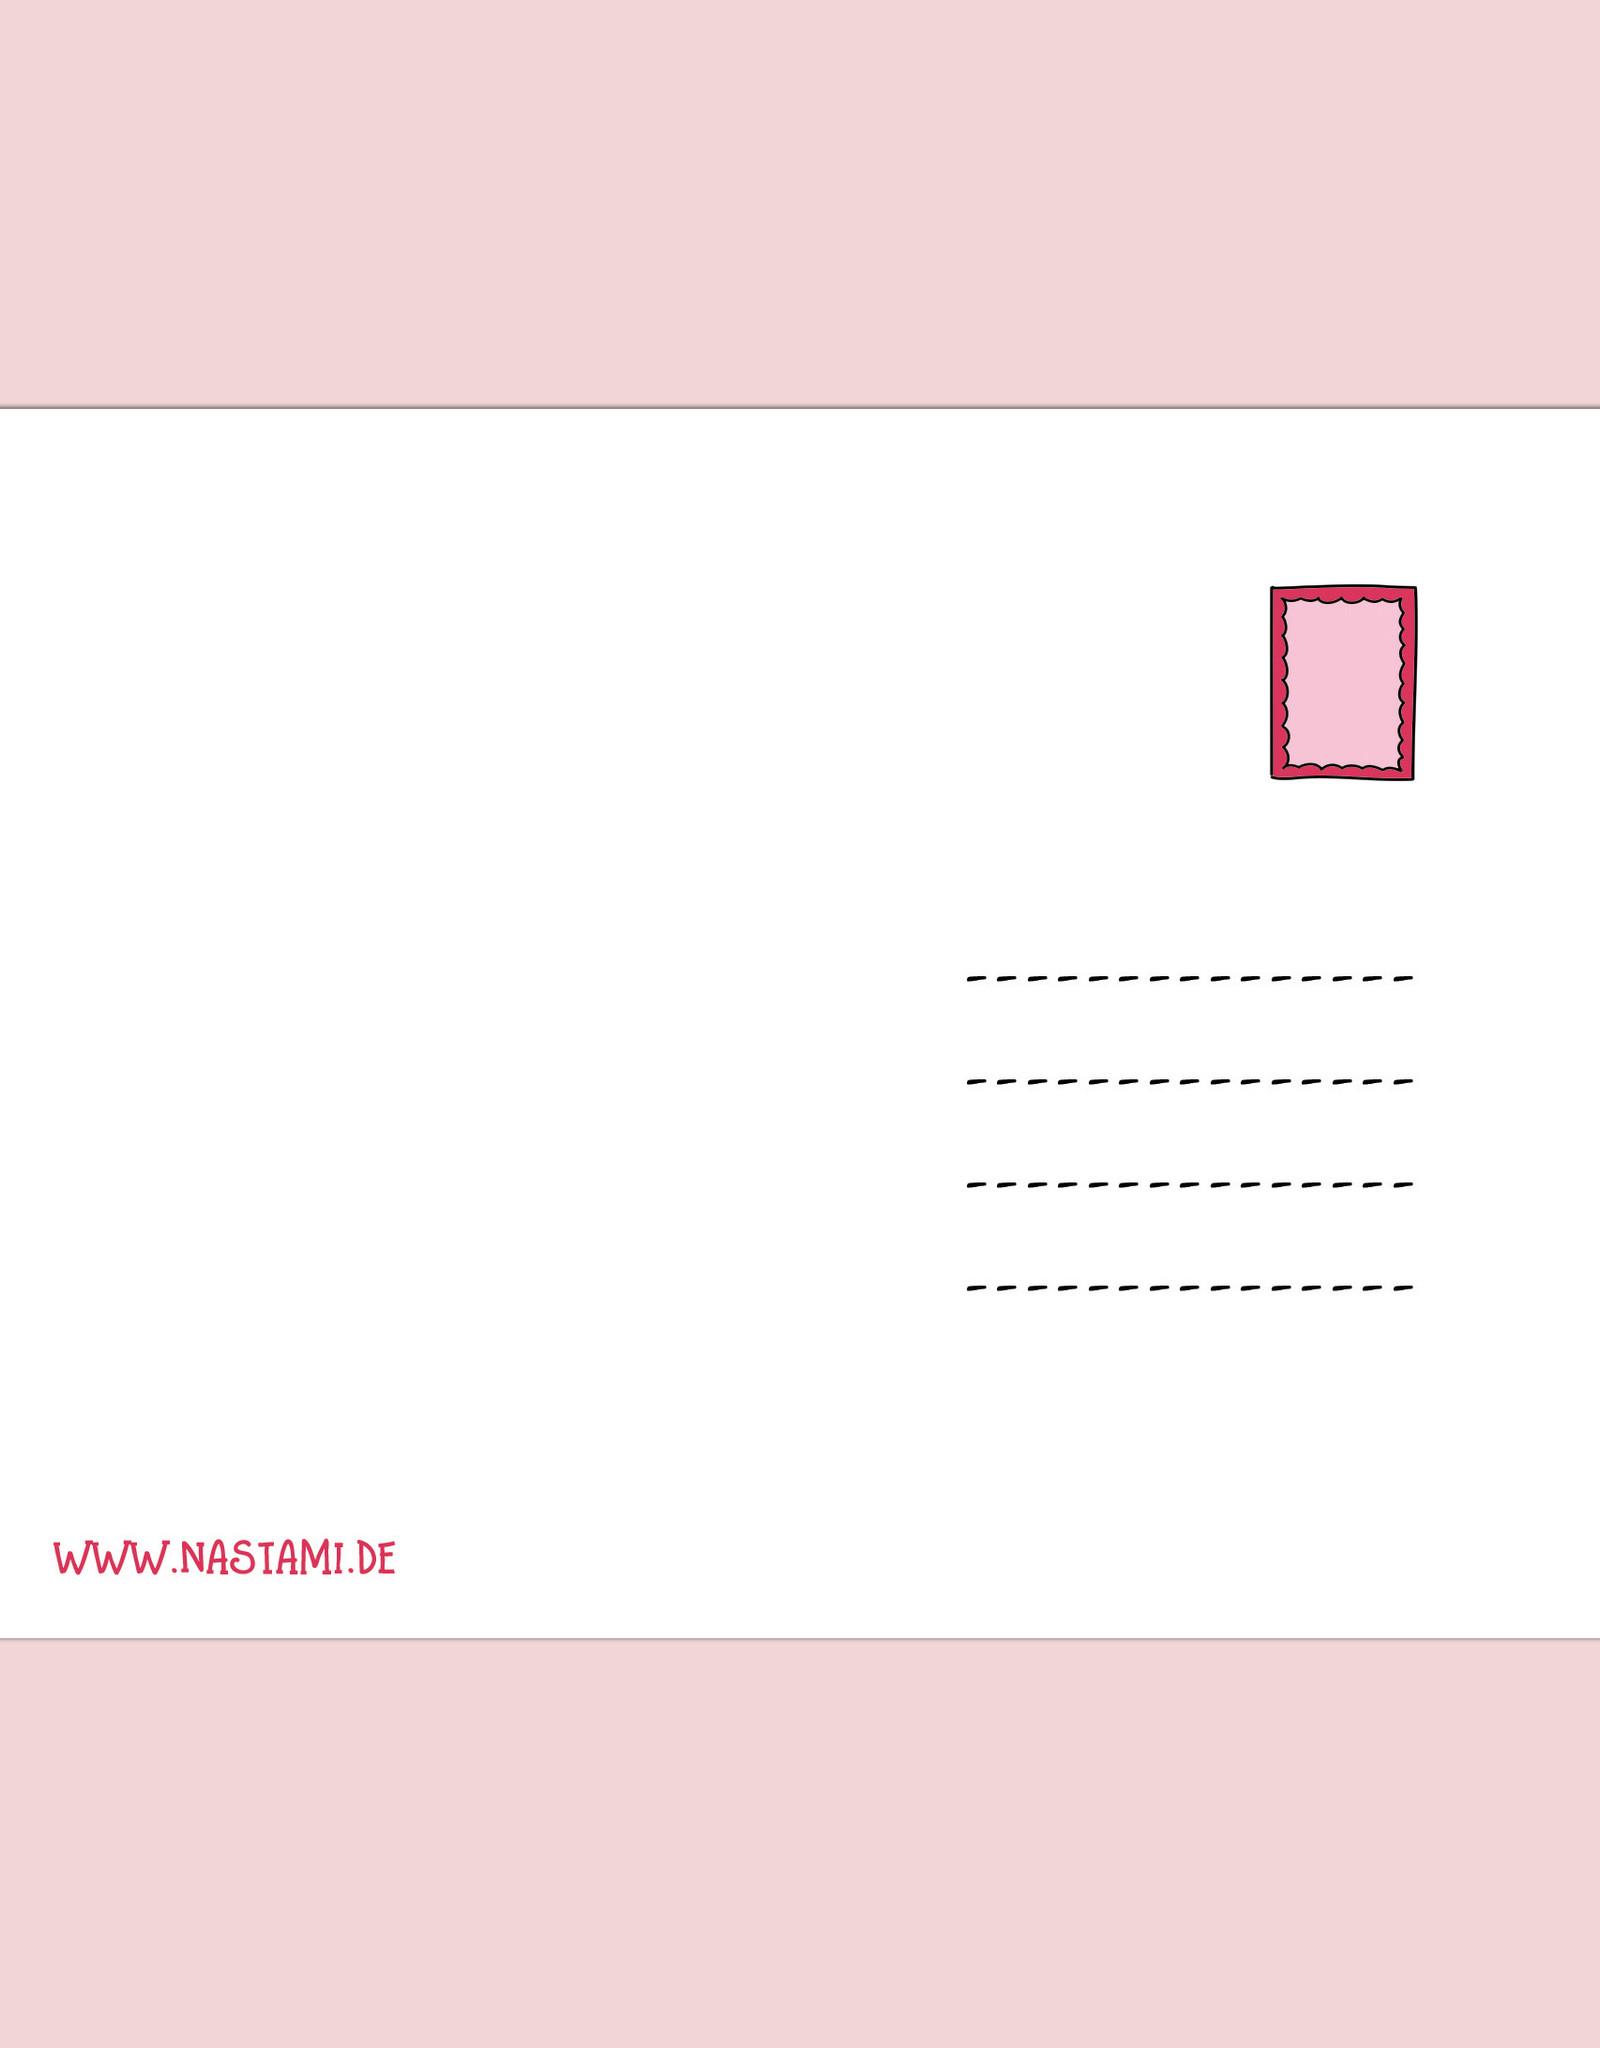 """Postkarte """"Wir bekommen ein Baby"""" Karte Buchstabensalat Schwangerschaft verkünden"""